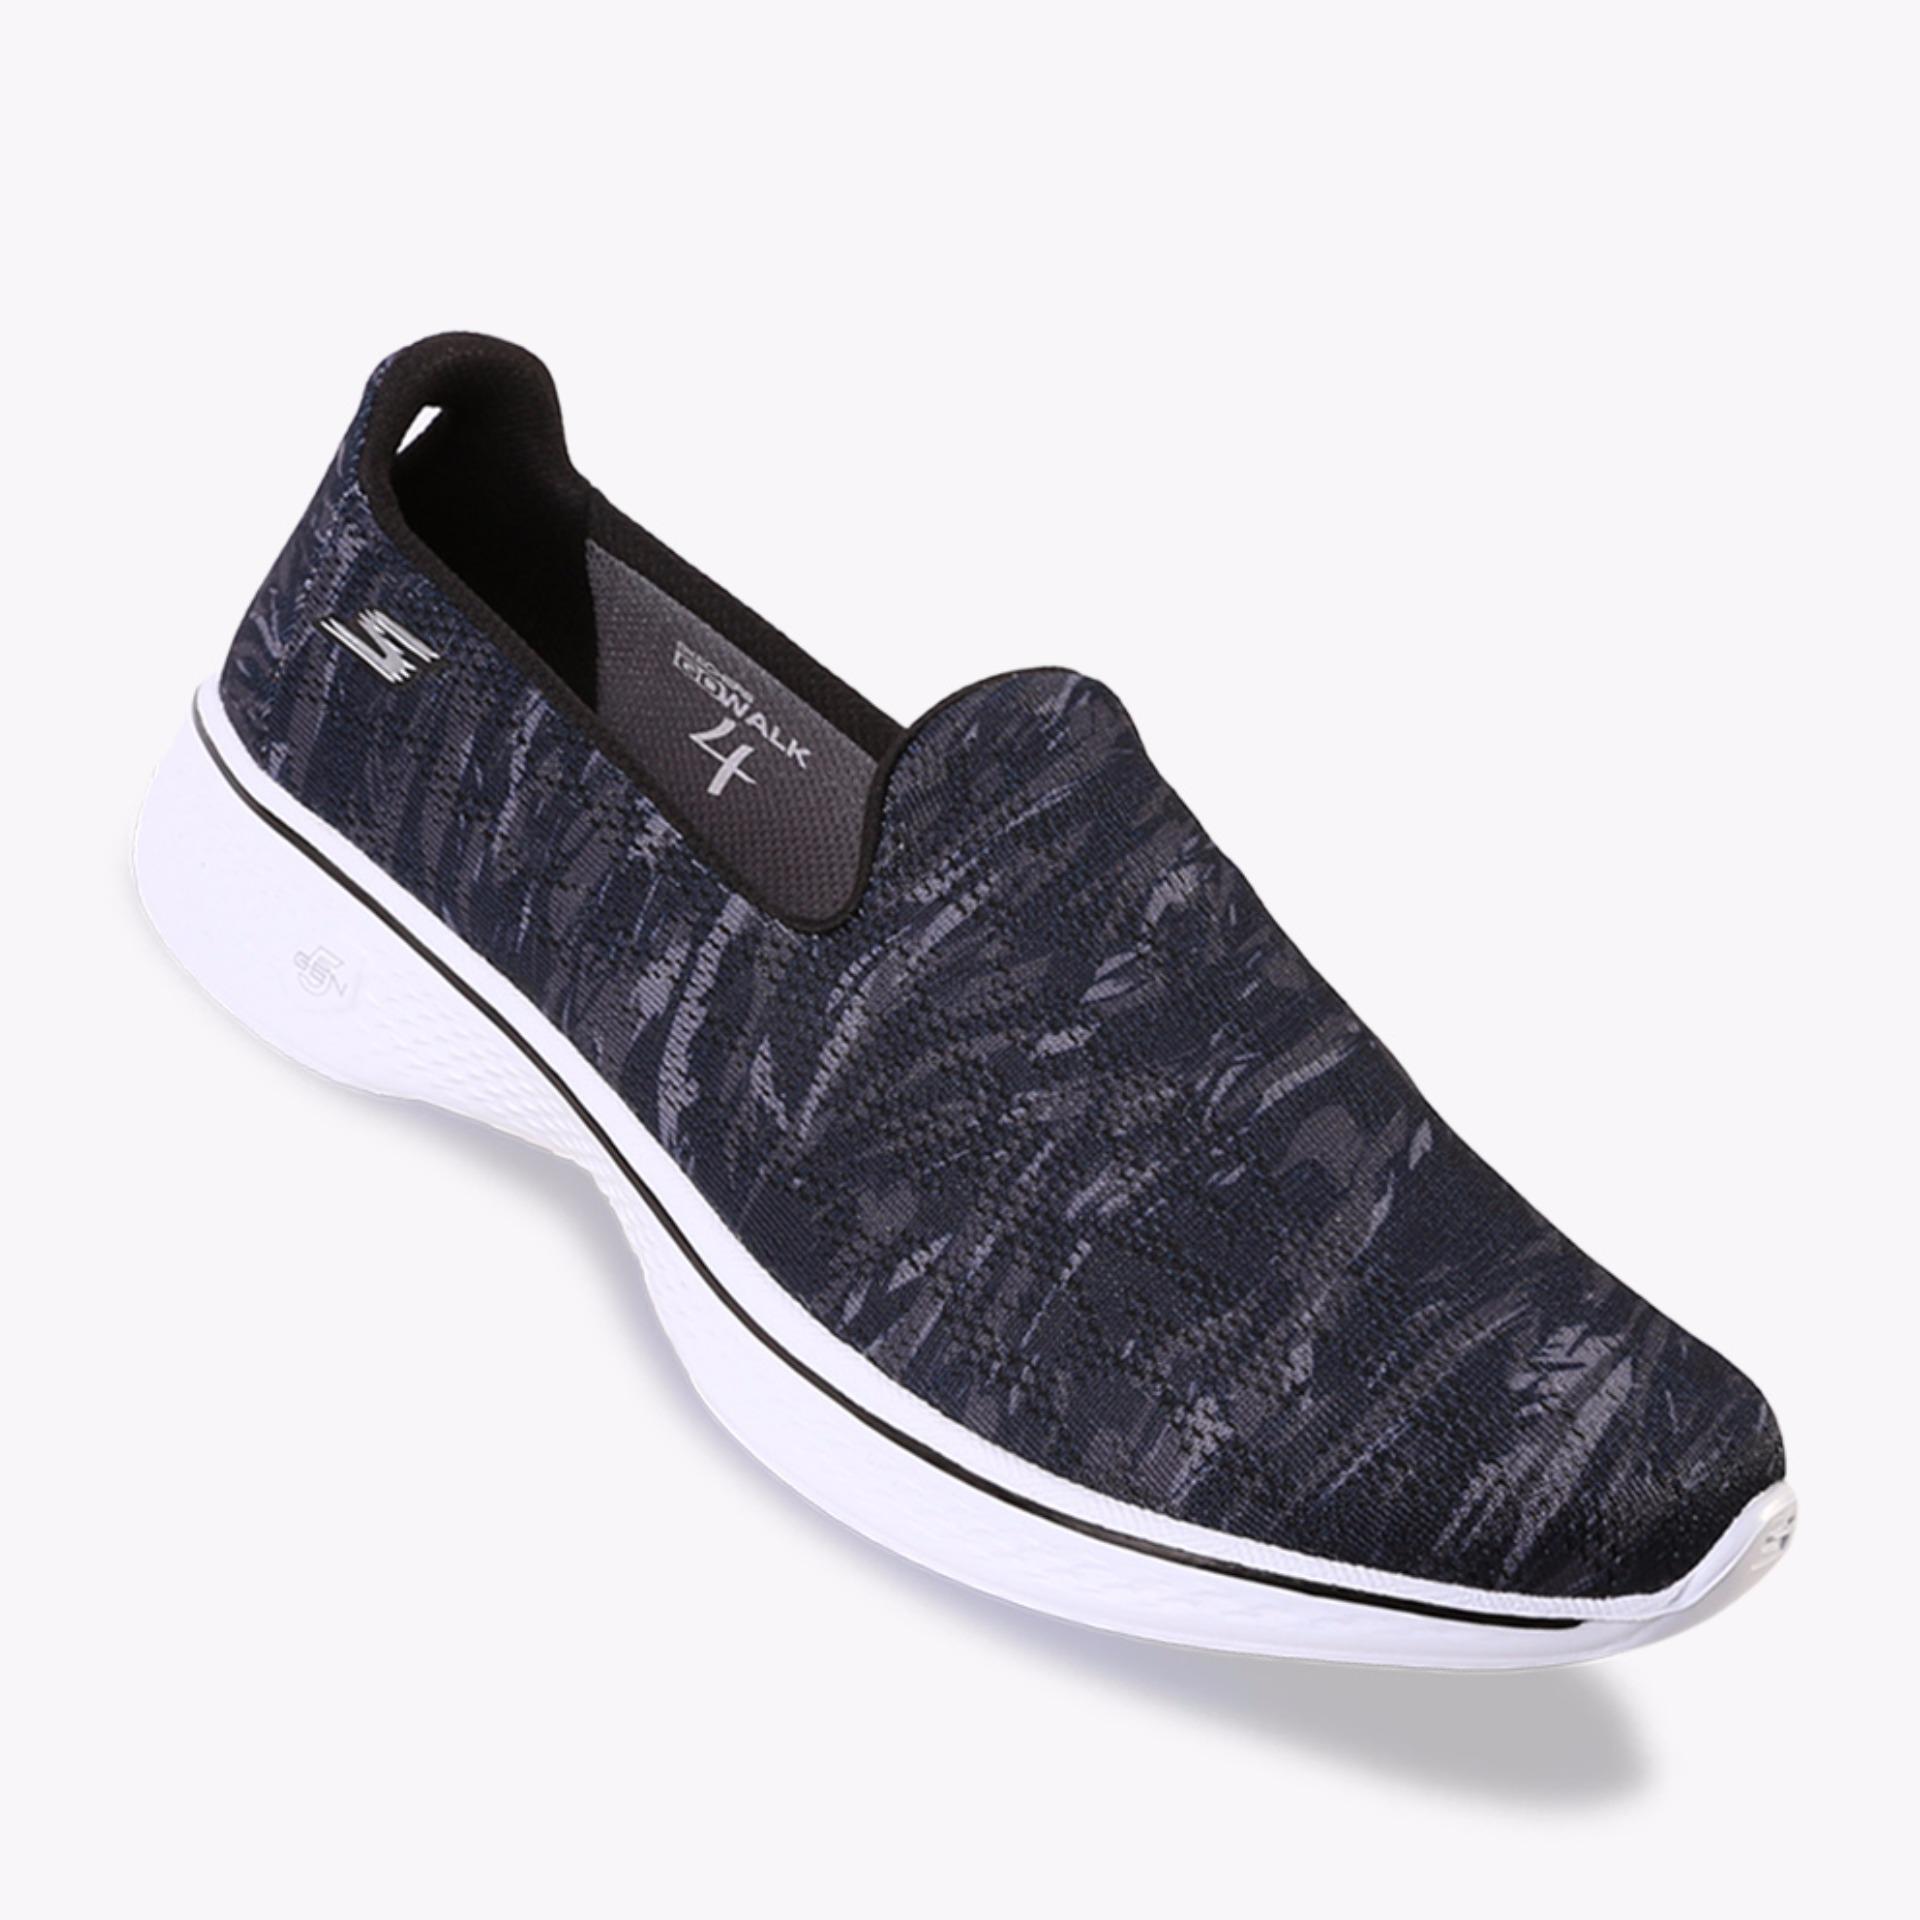 ... Skechers Gowalk 4 - Electrify - Biru Tua ...